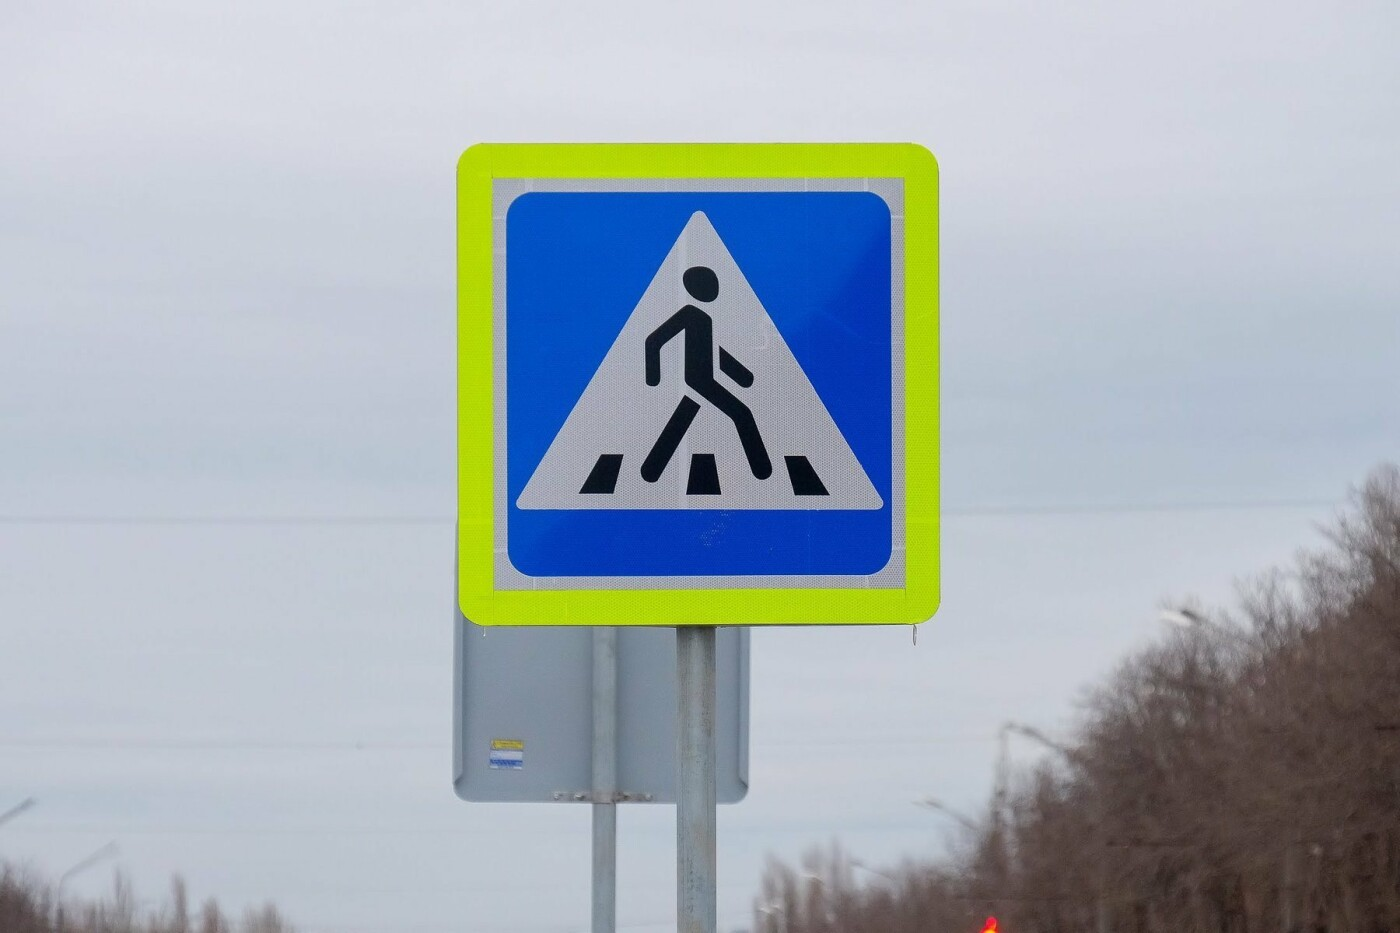 В Кривом Роге отремонтировали дорогу и дали гарантию на 5 лет, - ФОТО , фото-12